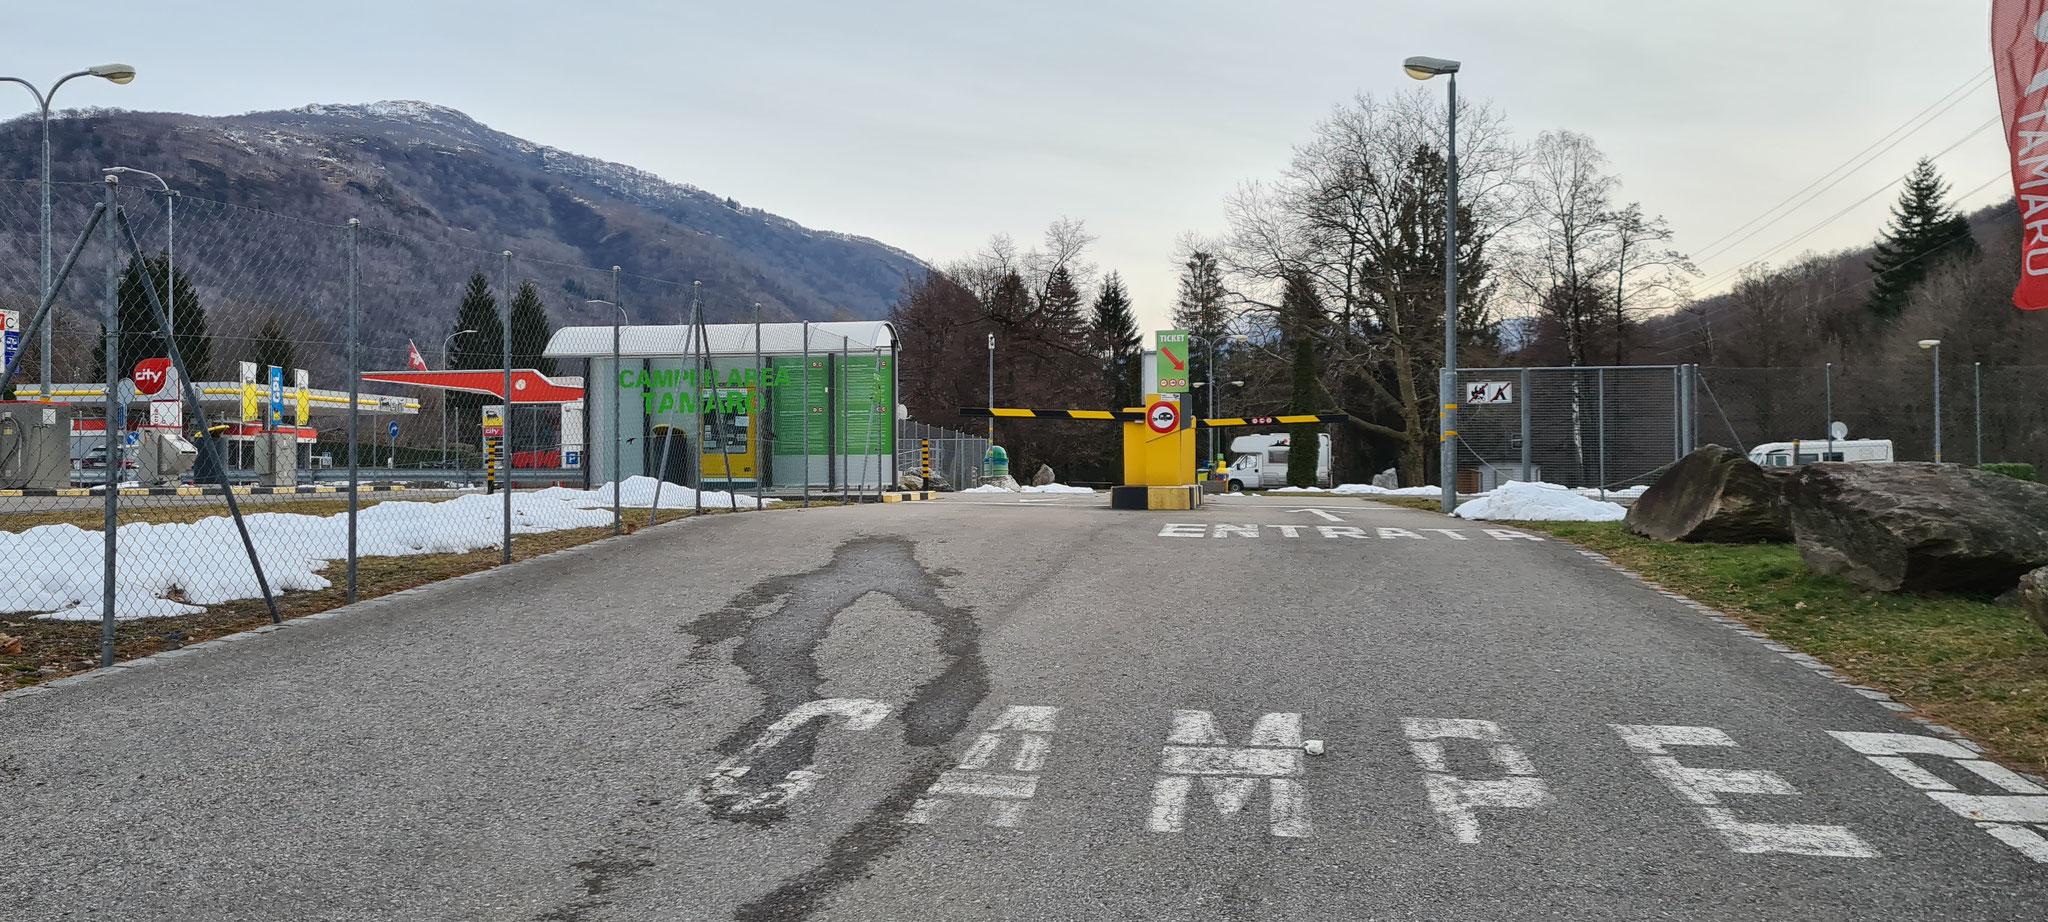 Camper Area Tamaro am Monte Ceneri...hier müssen wir wieder einmal hin!